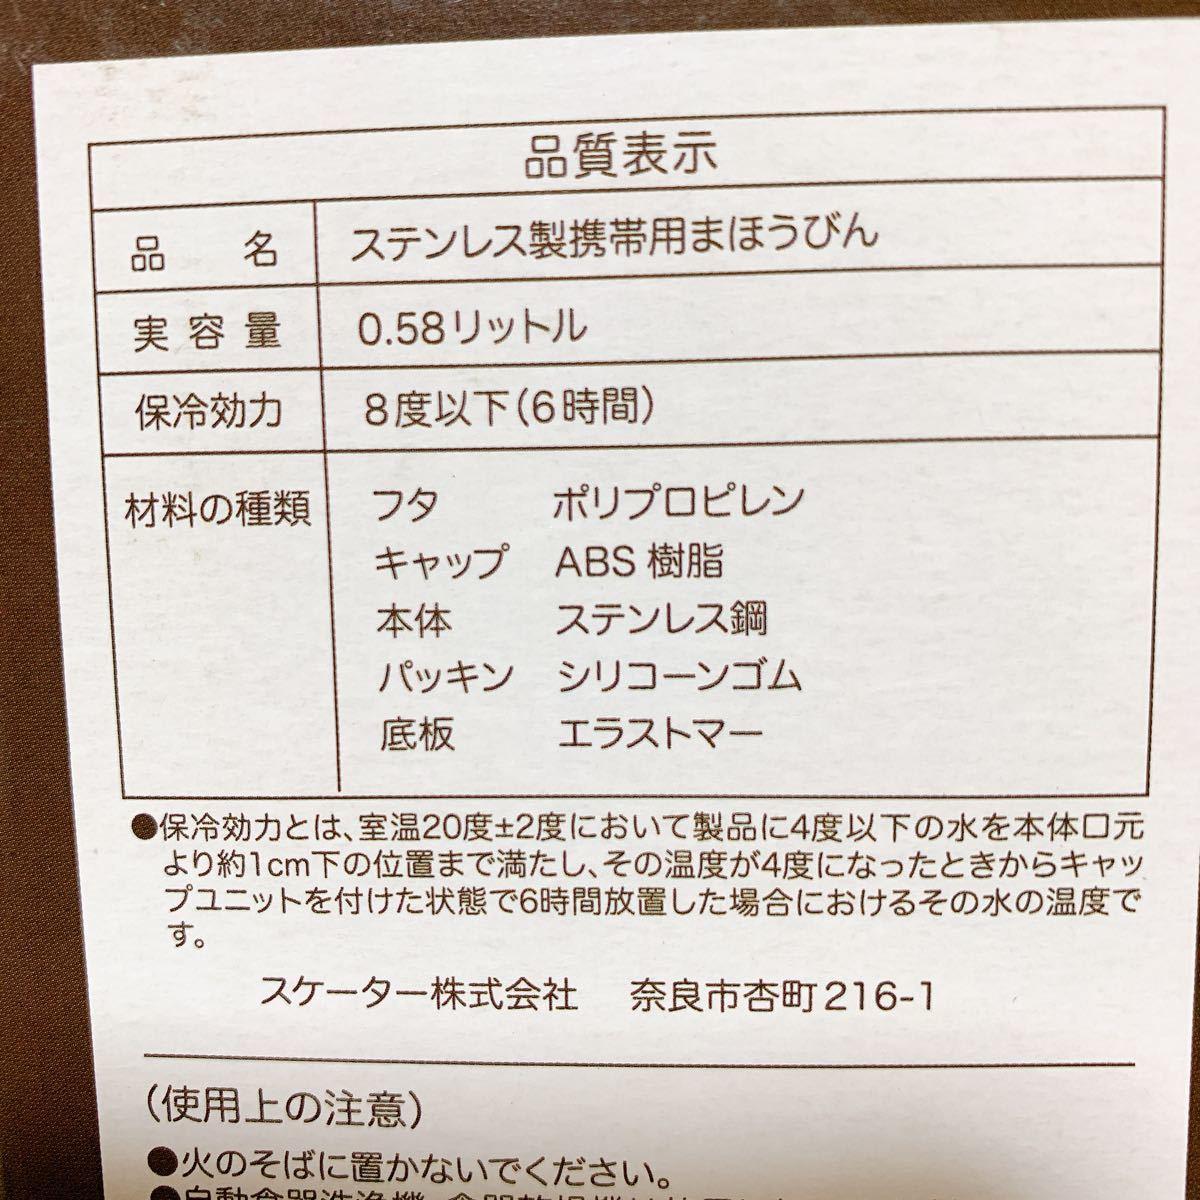 トトロ☆超軽量 580ml  ダイレクトステンレスボトル